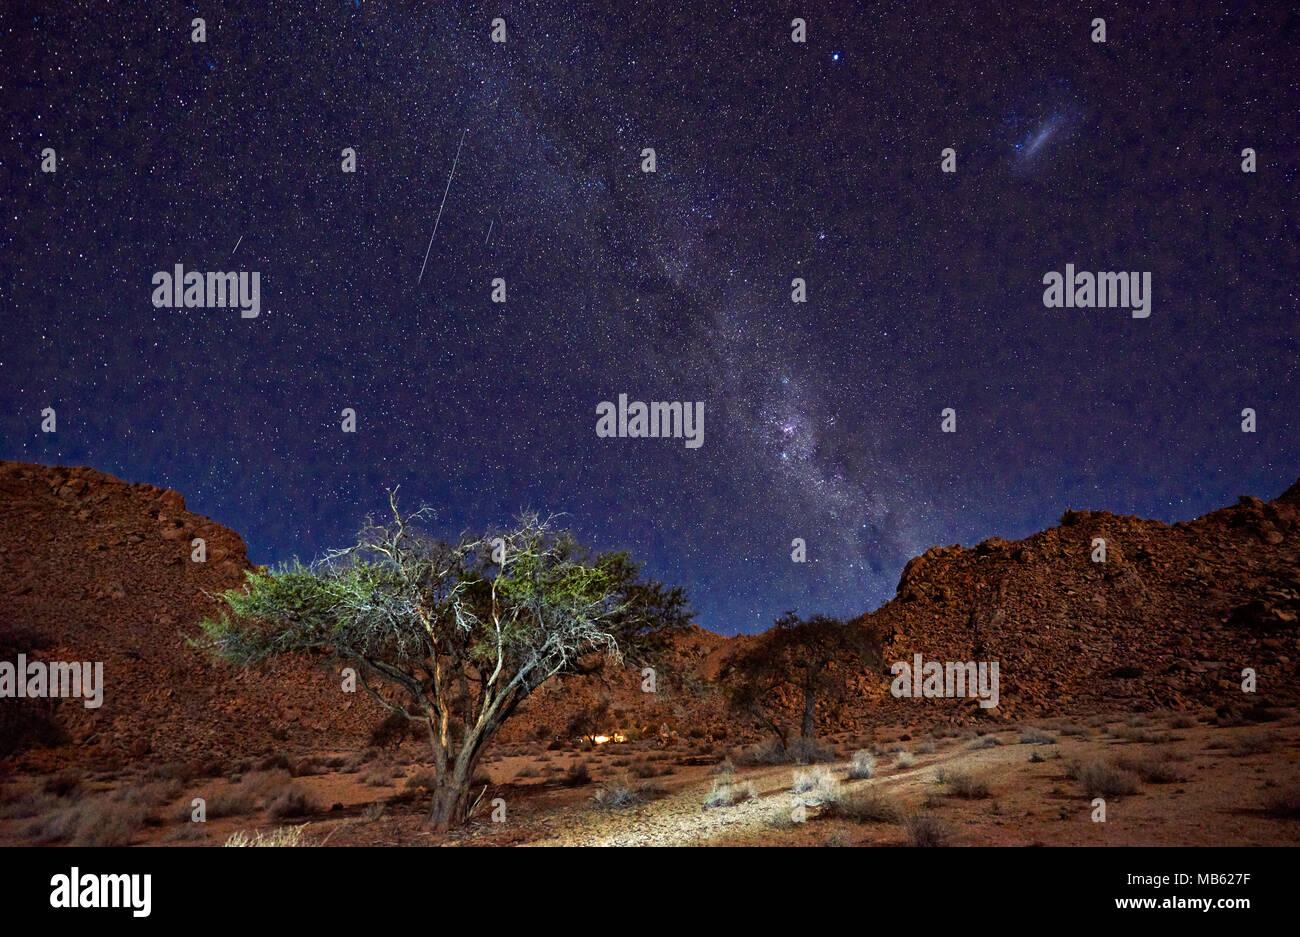 Night Shot von einem Baum mit mondlicht unter Himmel mit Sternen in ruhiger Landschaft auf der Farm Klein-Aus, Geisterschlucht, Namibia, Afrika Stockbild